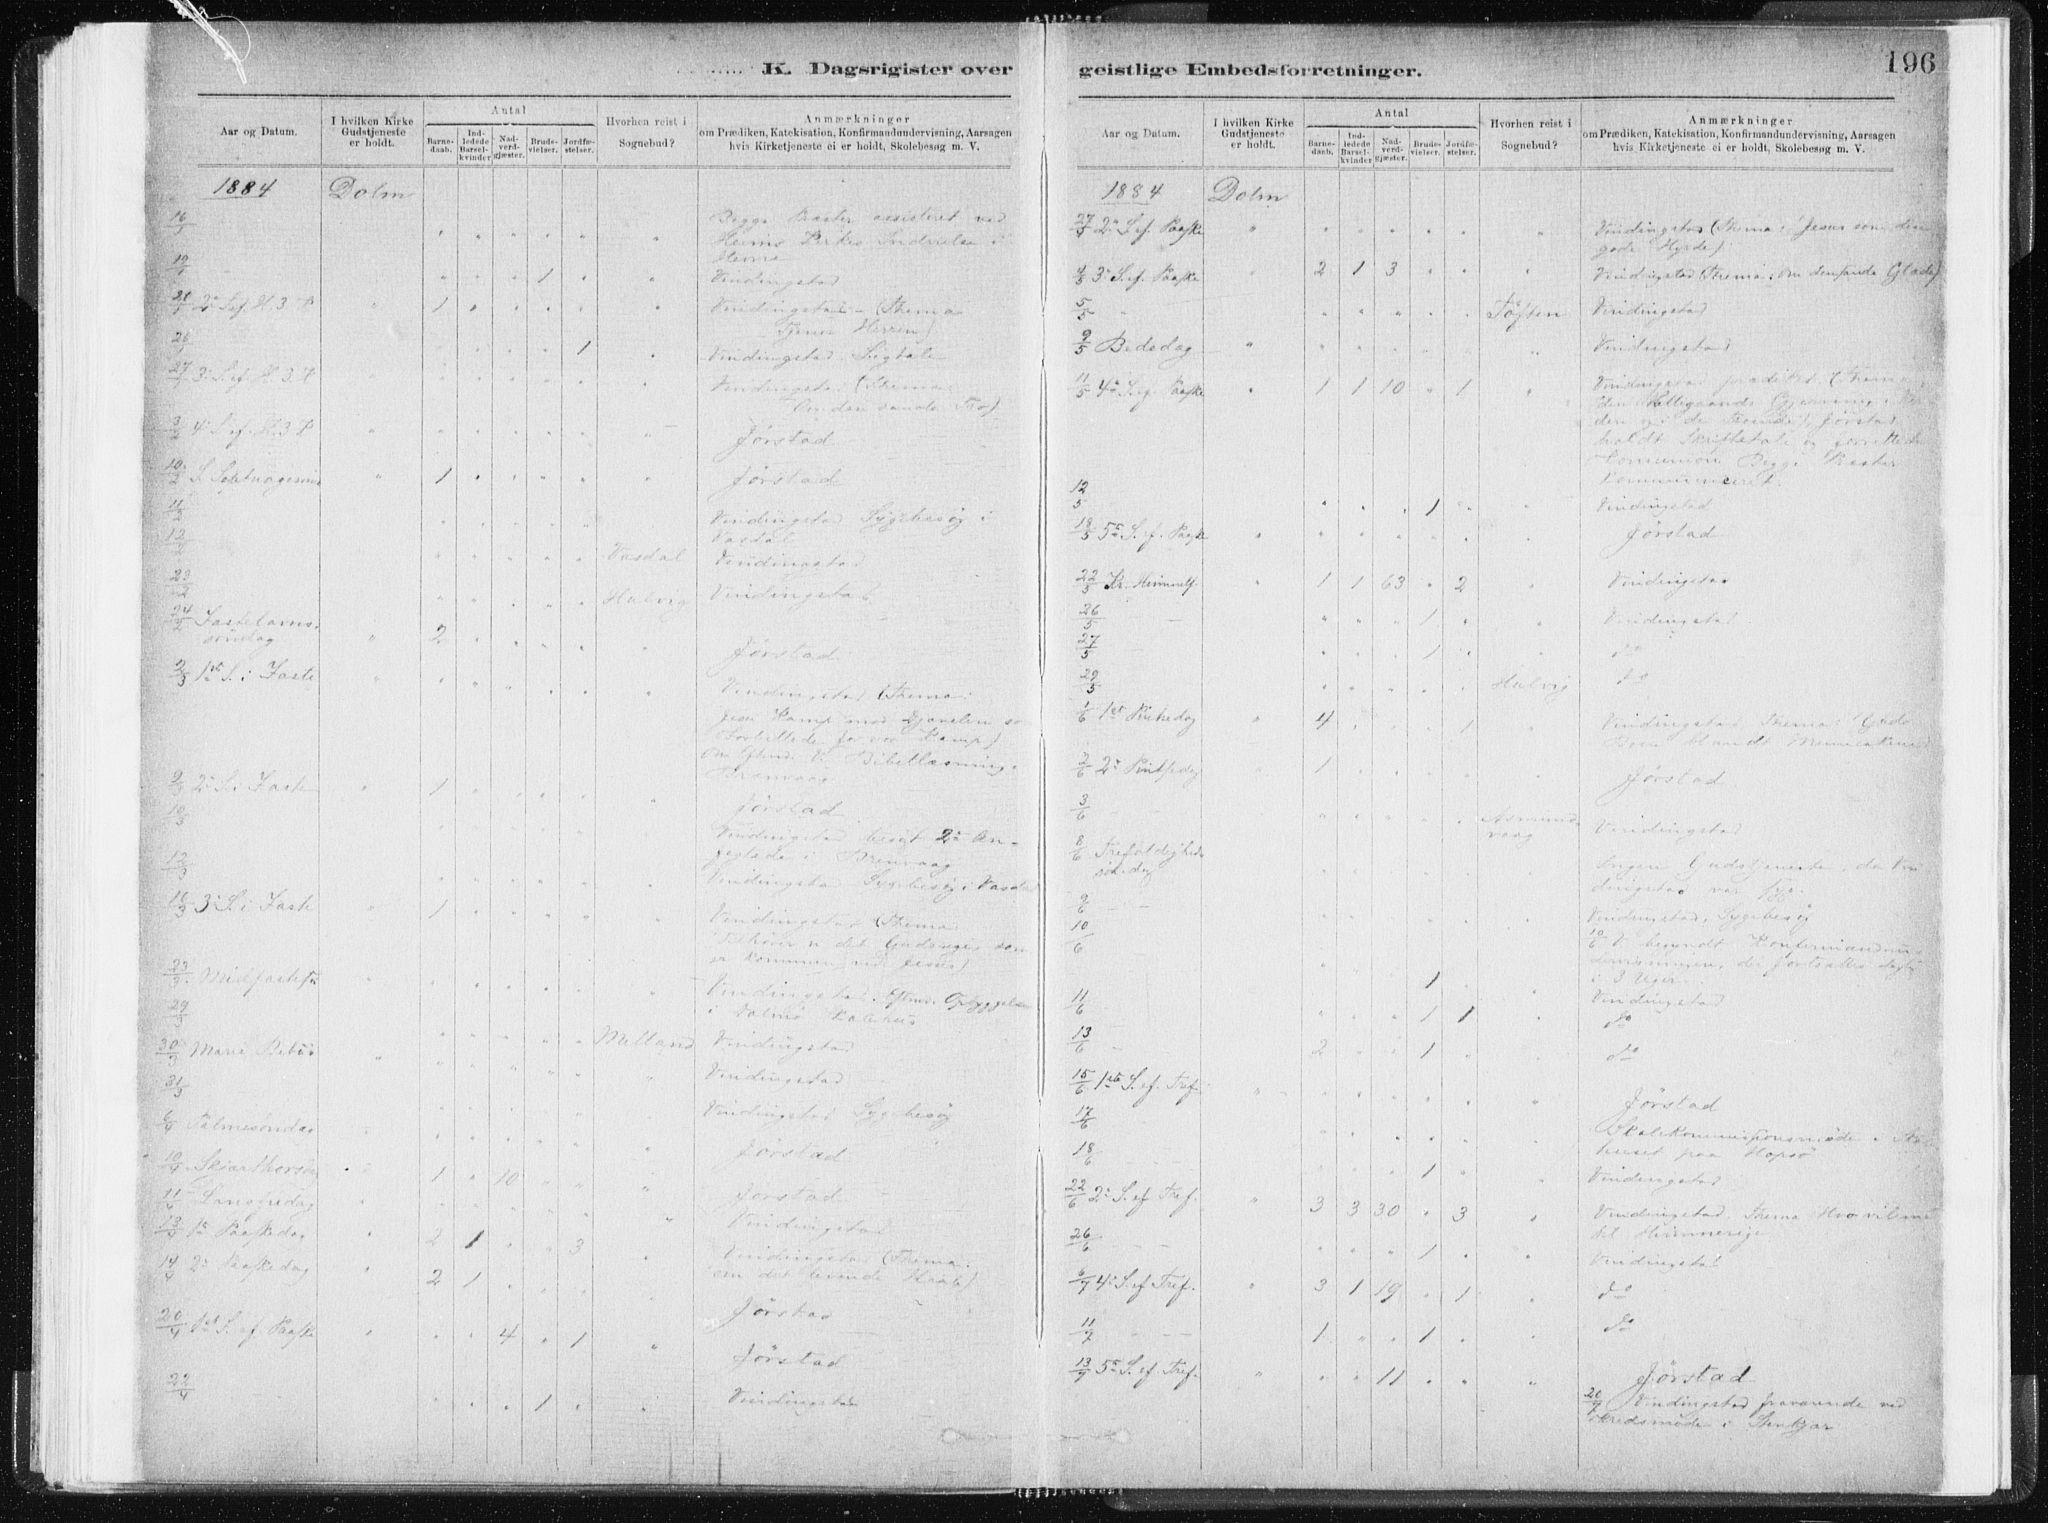 SAT, Ministerialprotokoller, klokkerbøker og fødselsregistre - Sør-Trøndelag, 634/L0533: Ministerialbok nr. 634A09, 1882-1901, s. 196